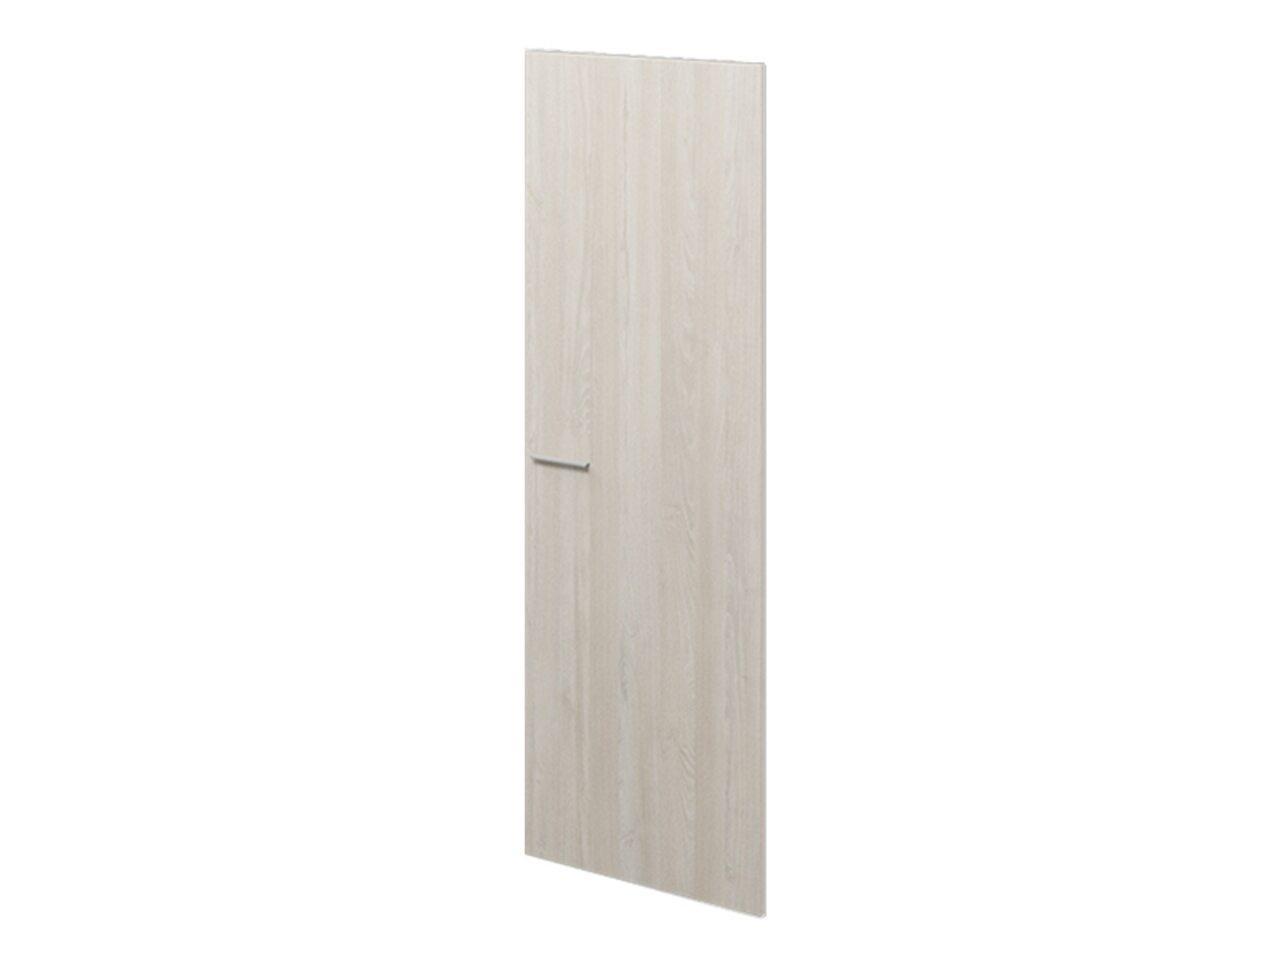 Дверь ЛДСП  Инновация 55x2x167 - фото 3